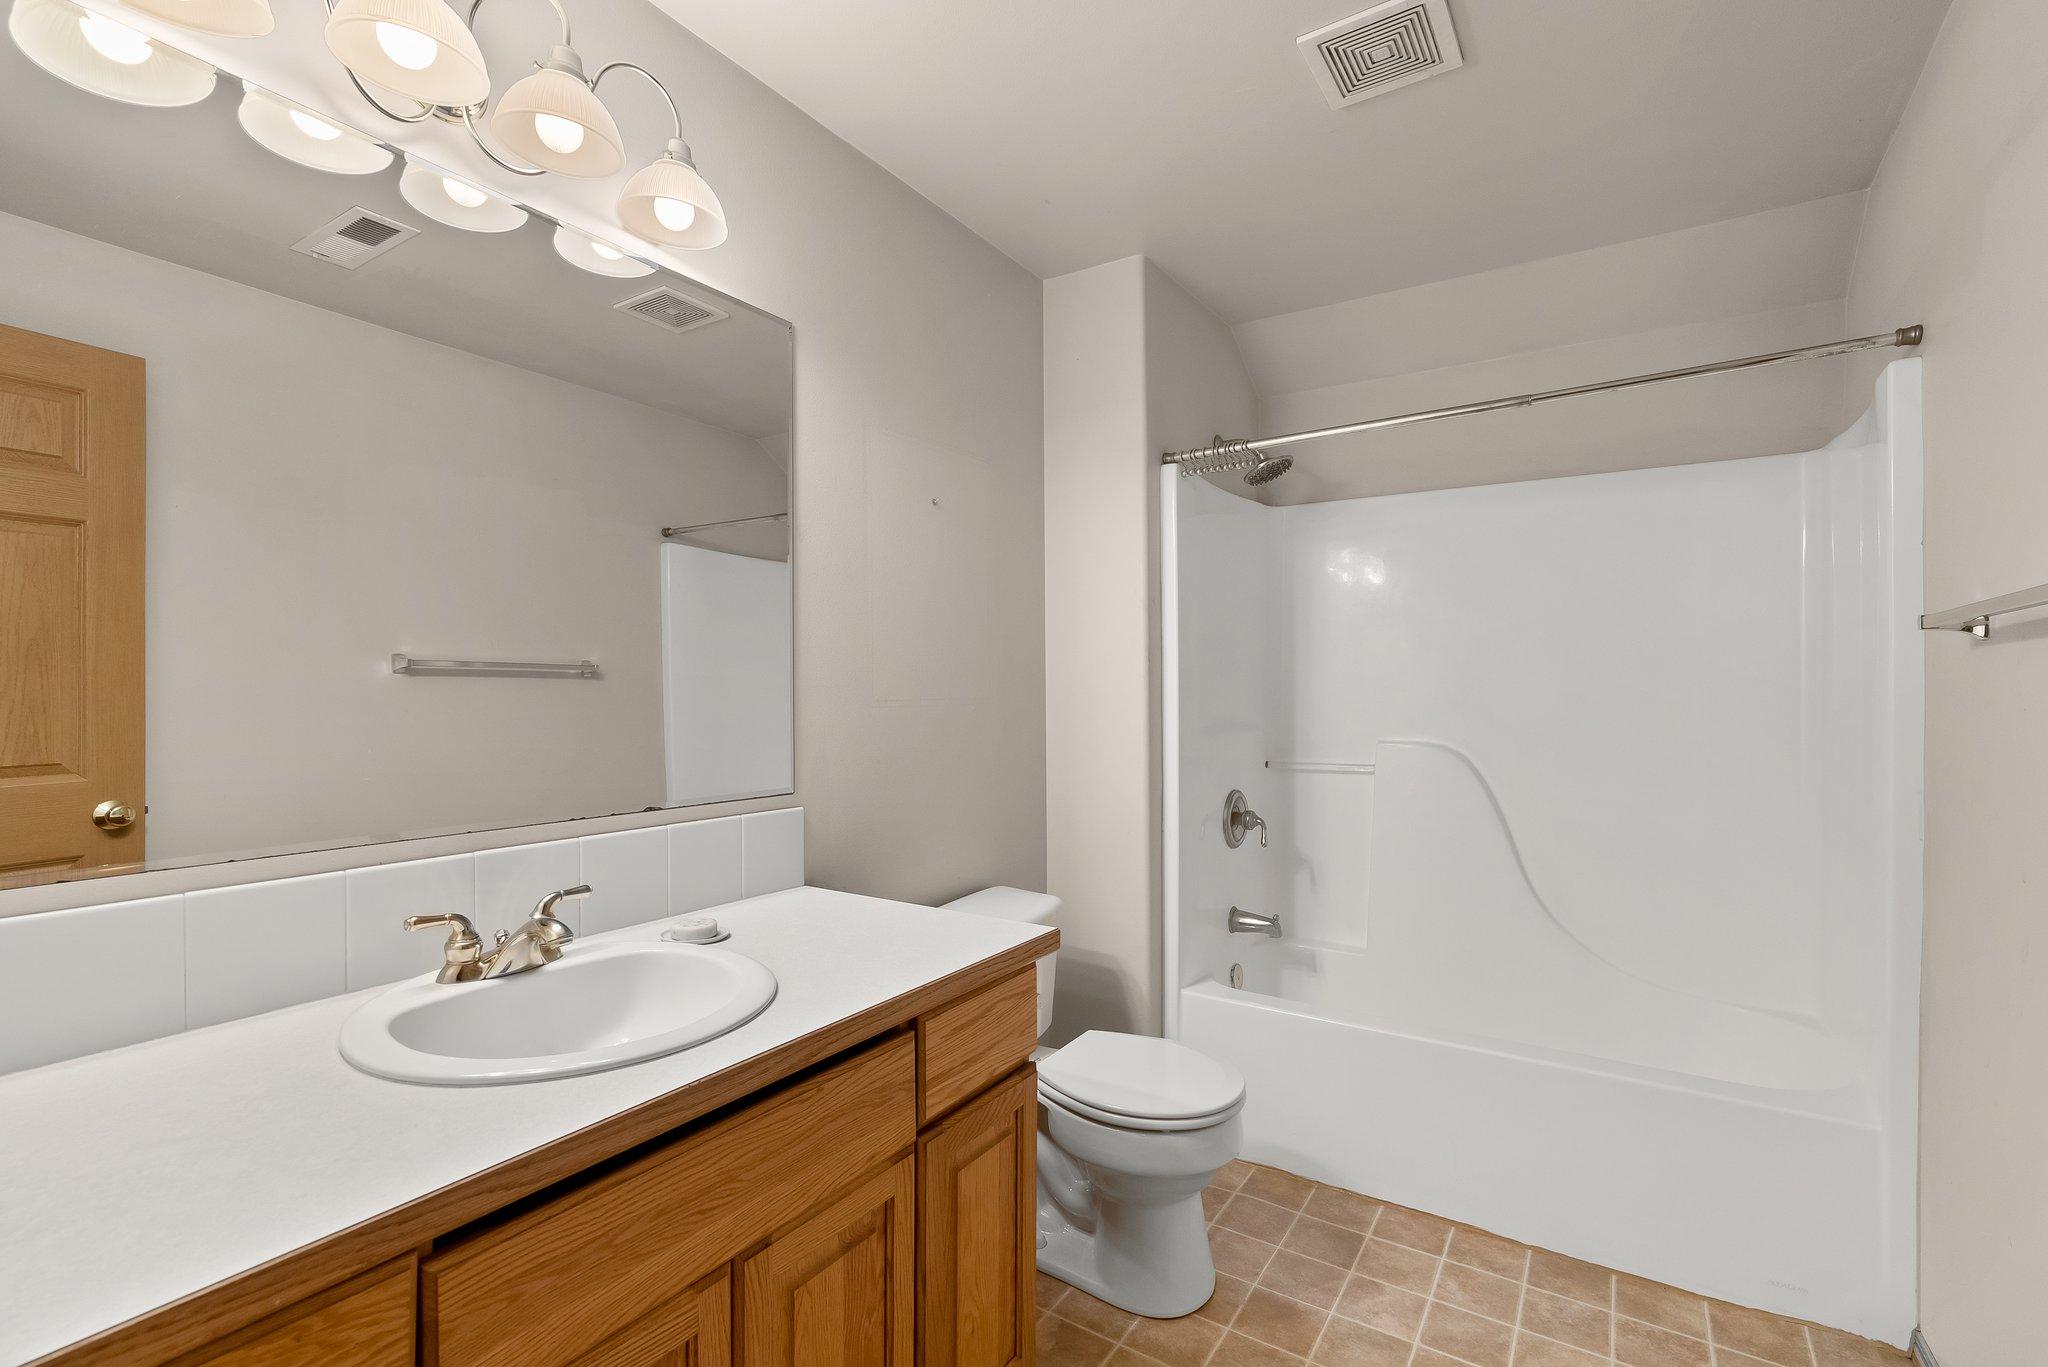 7900 Woods Estate Ln NE, Olympia, WA 98506, USA Photo 23